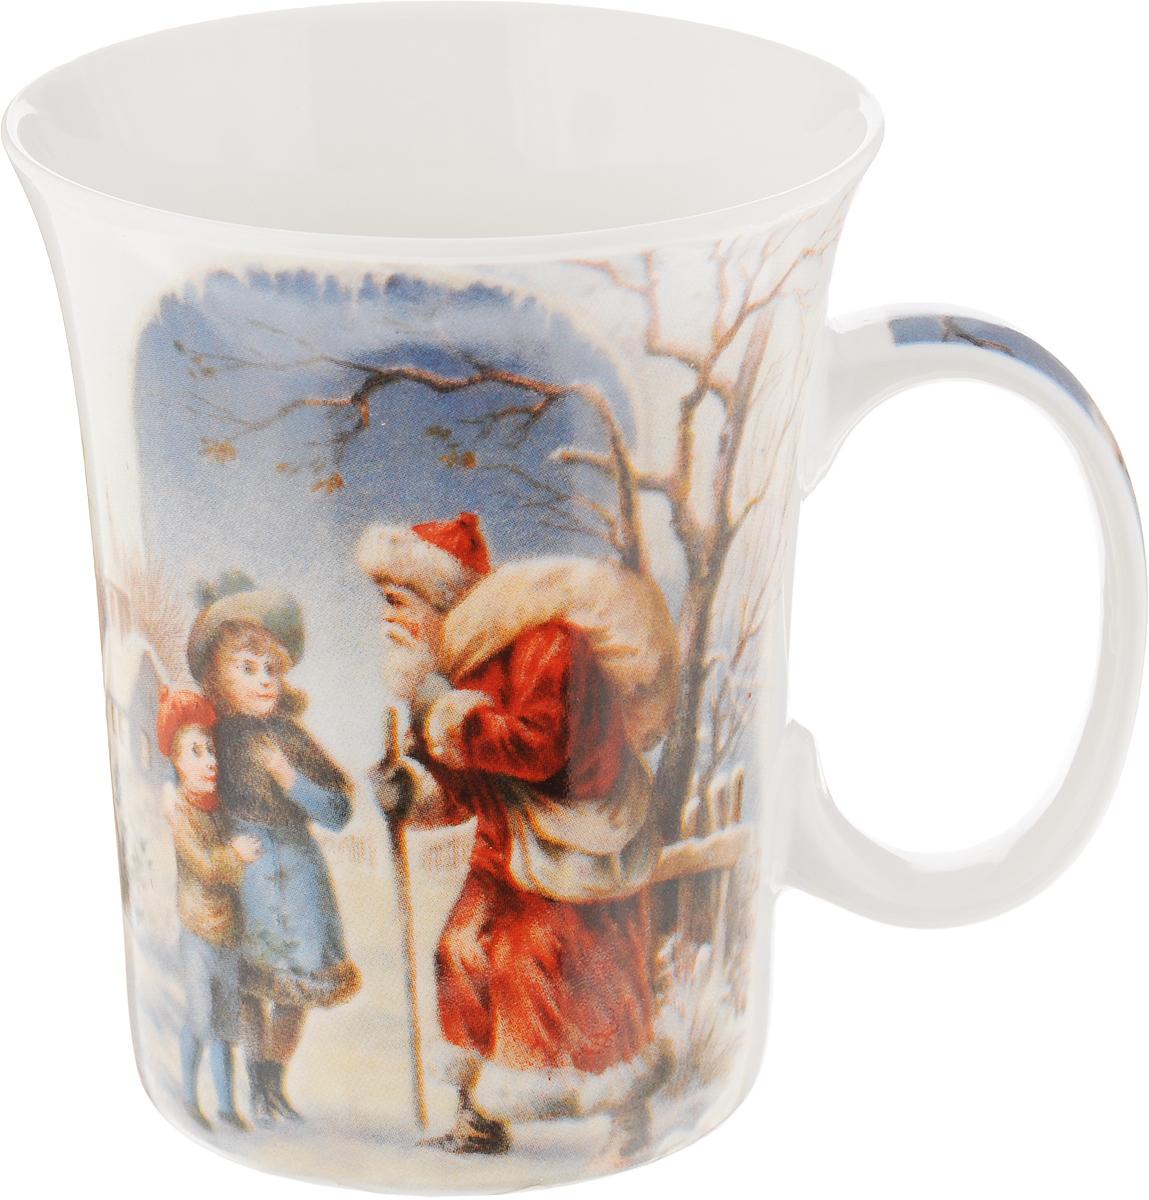 Кружка Lillo Дед мороз и дети , цвет: красный, голубой, белый, 350 мл216041_красный, голубой, белыйКружка Lillo Дед Мороз и дети выполнена из высококачественной керамики с глазурованным покрытием. С внешней стороны изделие декорировано красивым новогодним рисунком. Такая кружка станет приятным подарком к Новому Году и согреет вас холодными зимними вечерами. Диаметр (по верхнему краю): 8,5 см. Высота кружки: 10,5 см.